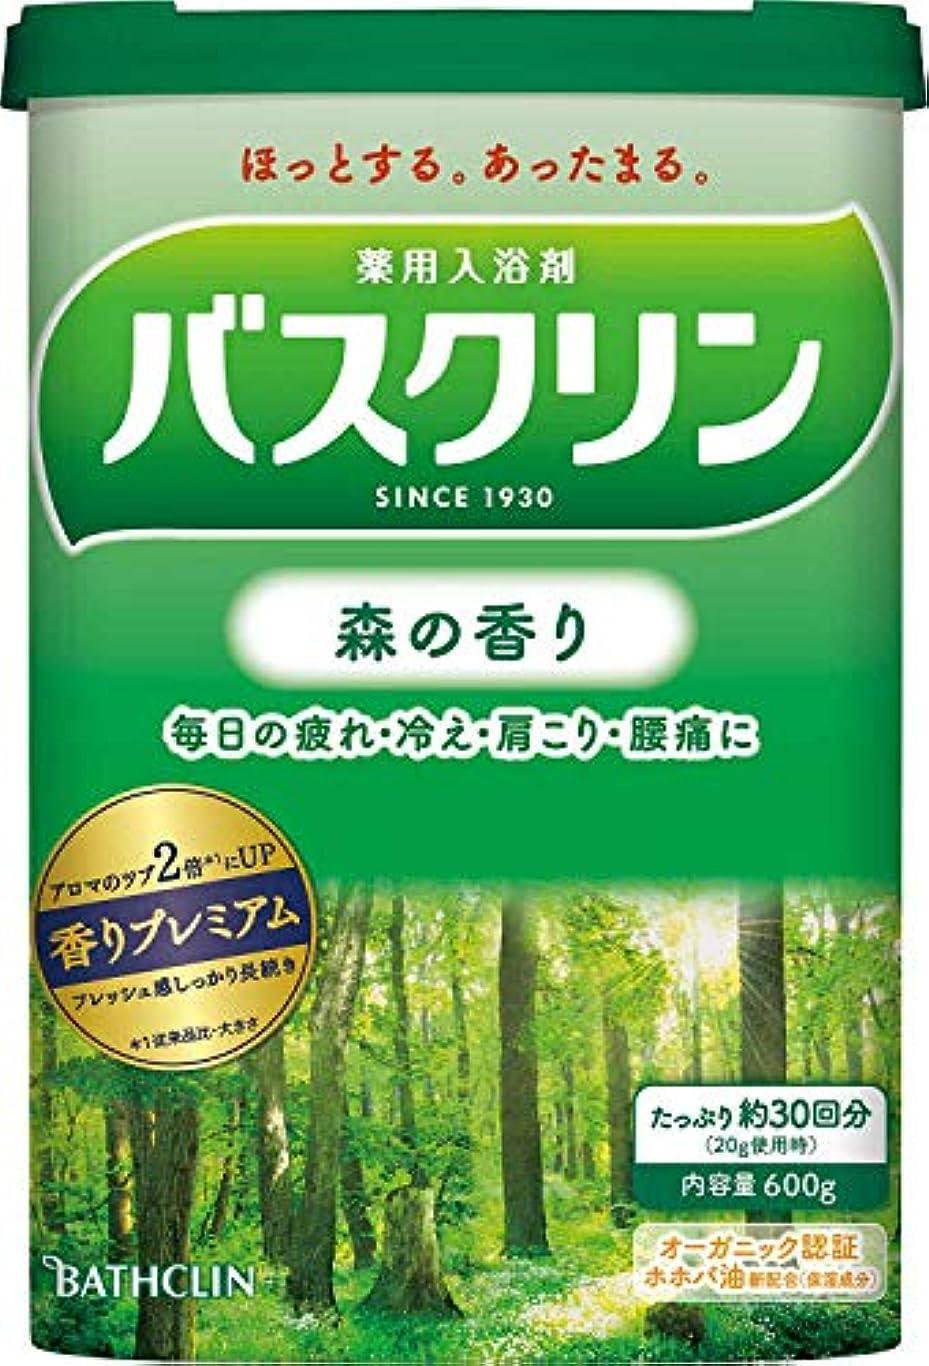 採用するコジオスコ銃【医薬部外品】バスクリン入浴剤 森の香り600g入浴剤(約30回分) 疲労回復